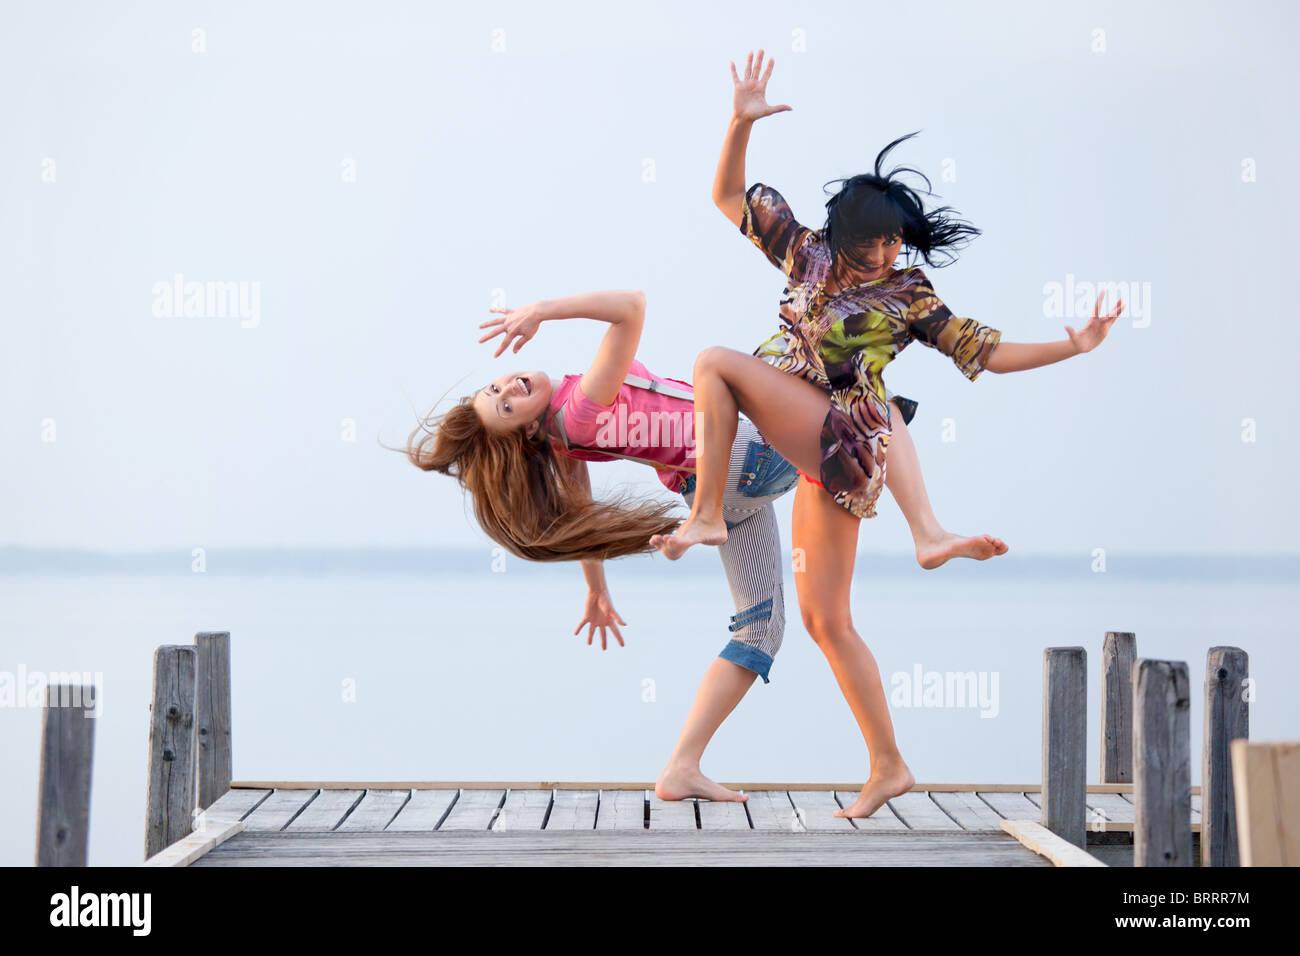 zwei Mädchen tanzen auf Grund von Wasser und Himmel Stockbild